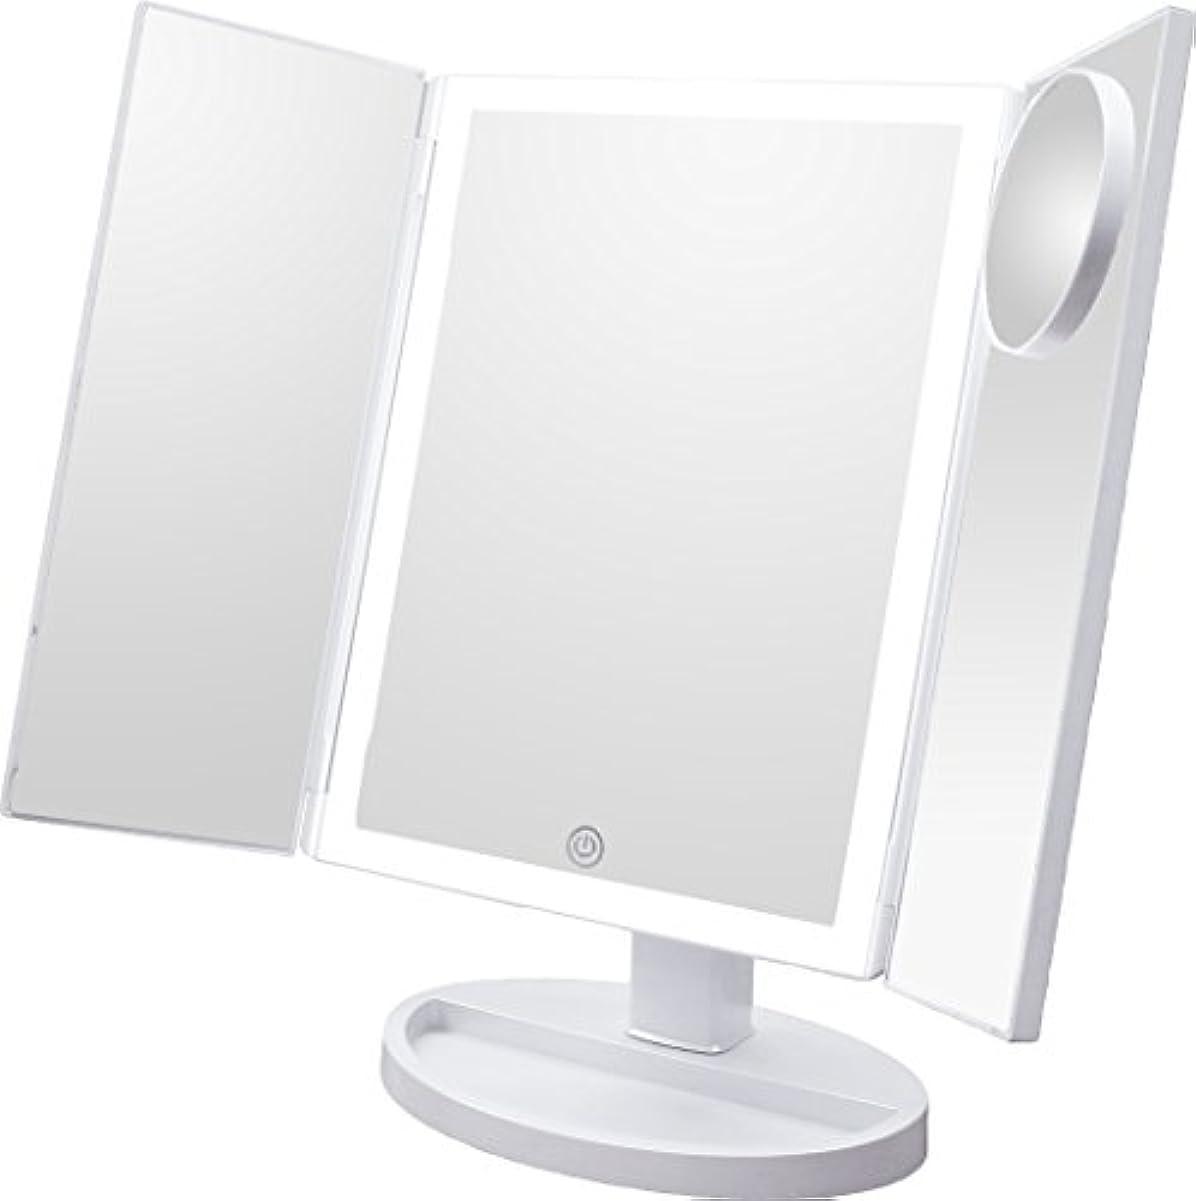 転用変化こするLEDミラー LEDバー 3面鏡 10倍拡大鏡付き 女優ミラー メイクミラー ブライトミラー 卓上ミラー スタンドミラー (ホワイト)